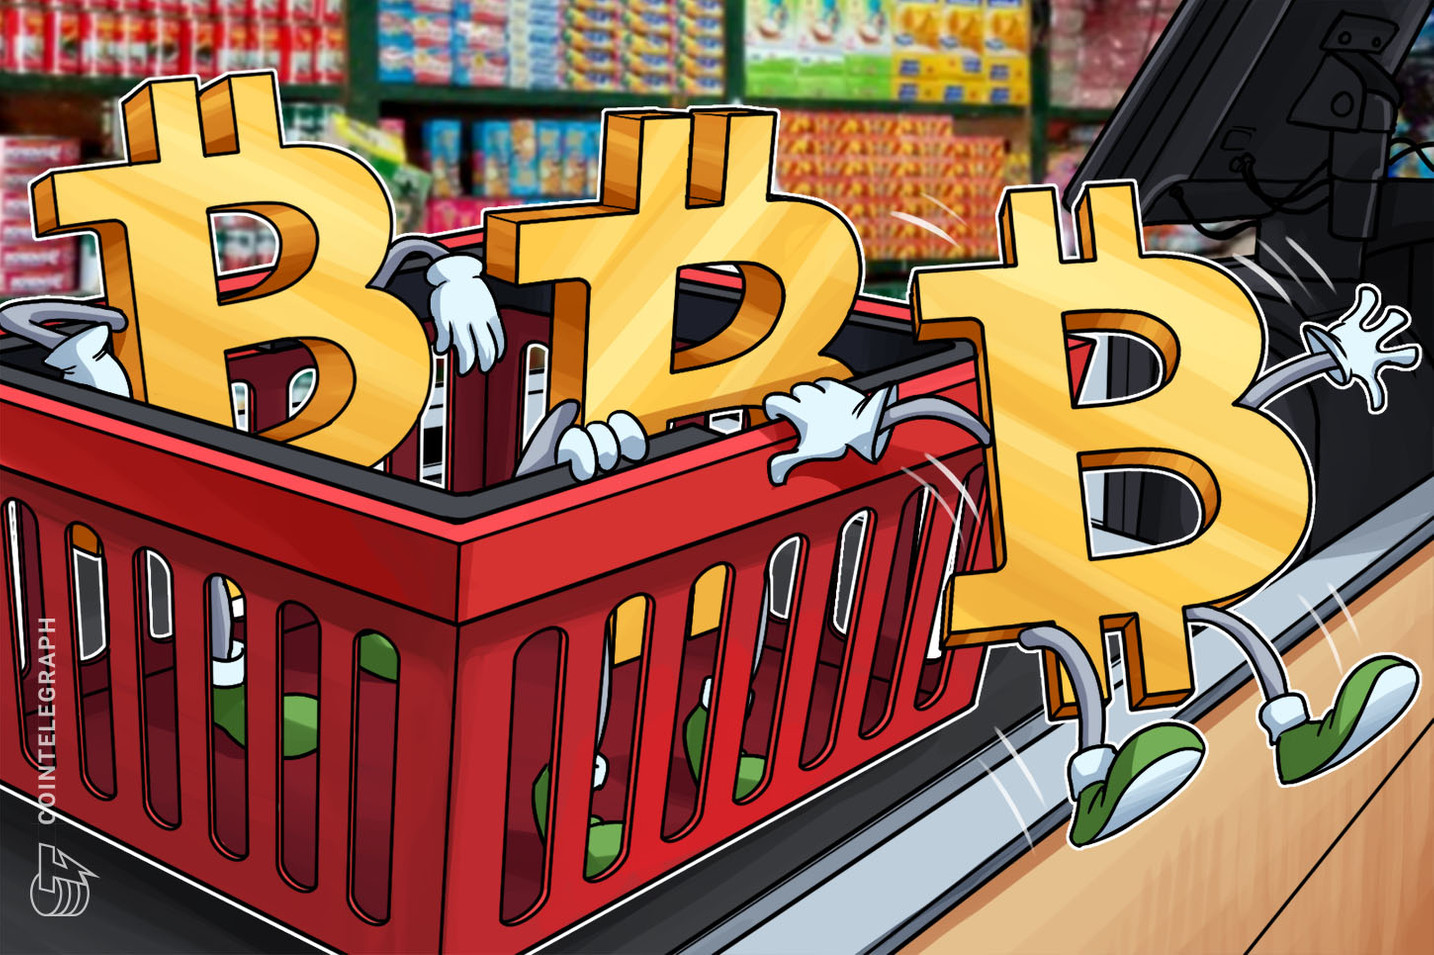 Ende der Alleinherrschaft? – Grayscale spürt erstmals Konkurrenzdruck durch Bitcoin-ETFs